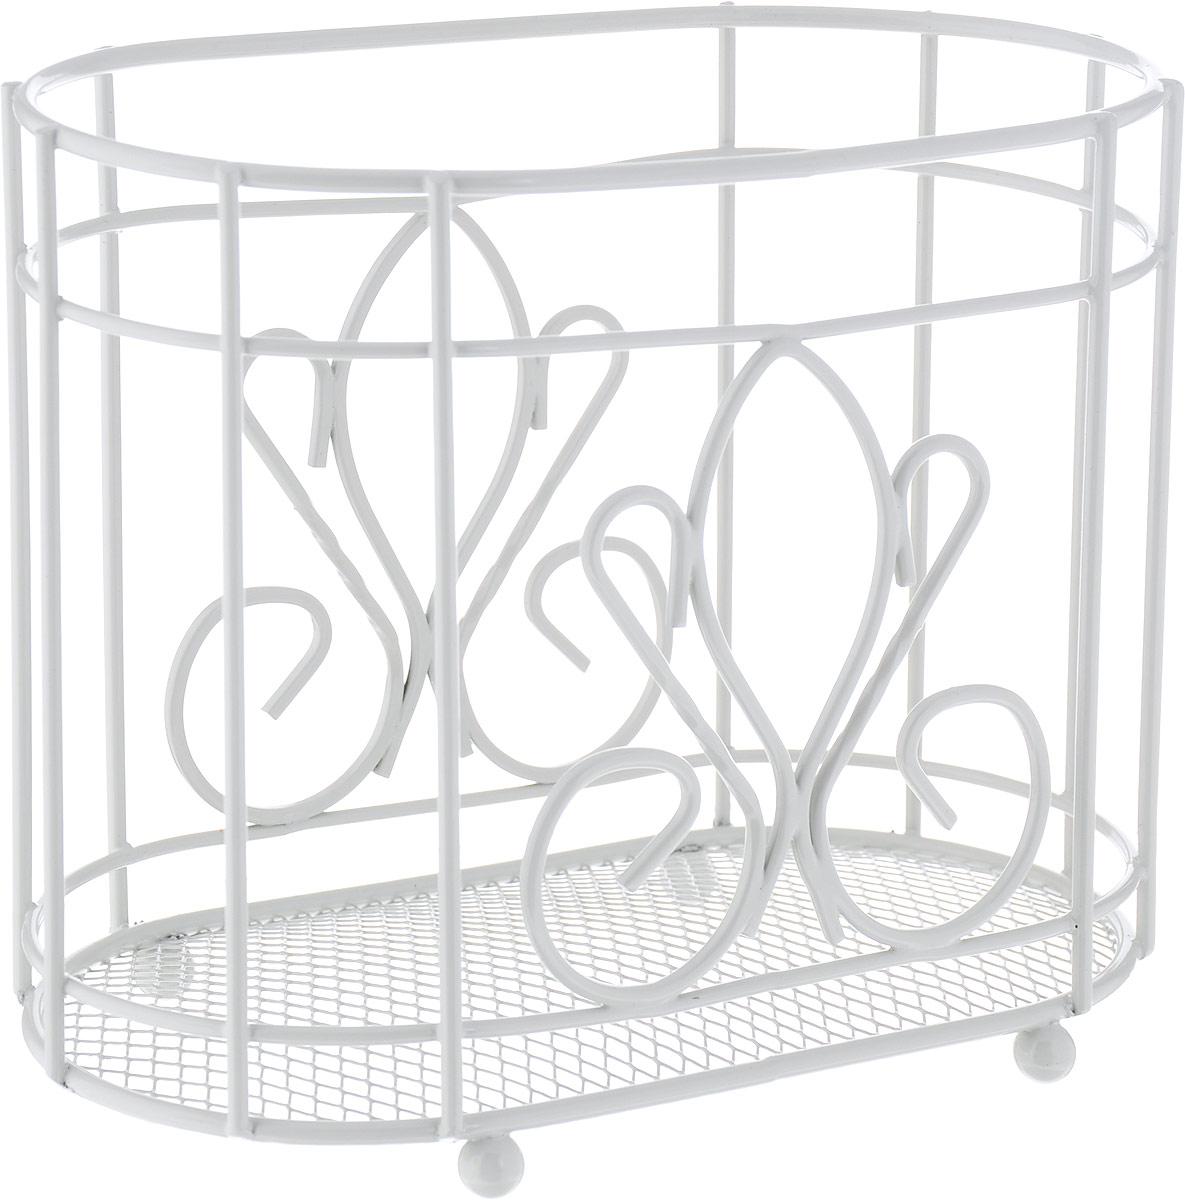 Подставка для столовых приборов Walmer Provence, цвет: белый, 18 х 10 х 15 см подставка для столовых приборов cosmoplast цвет красный диаметр 14 см